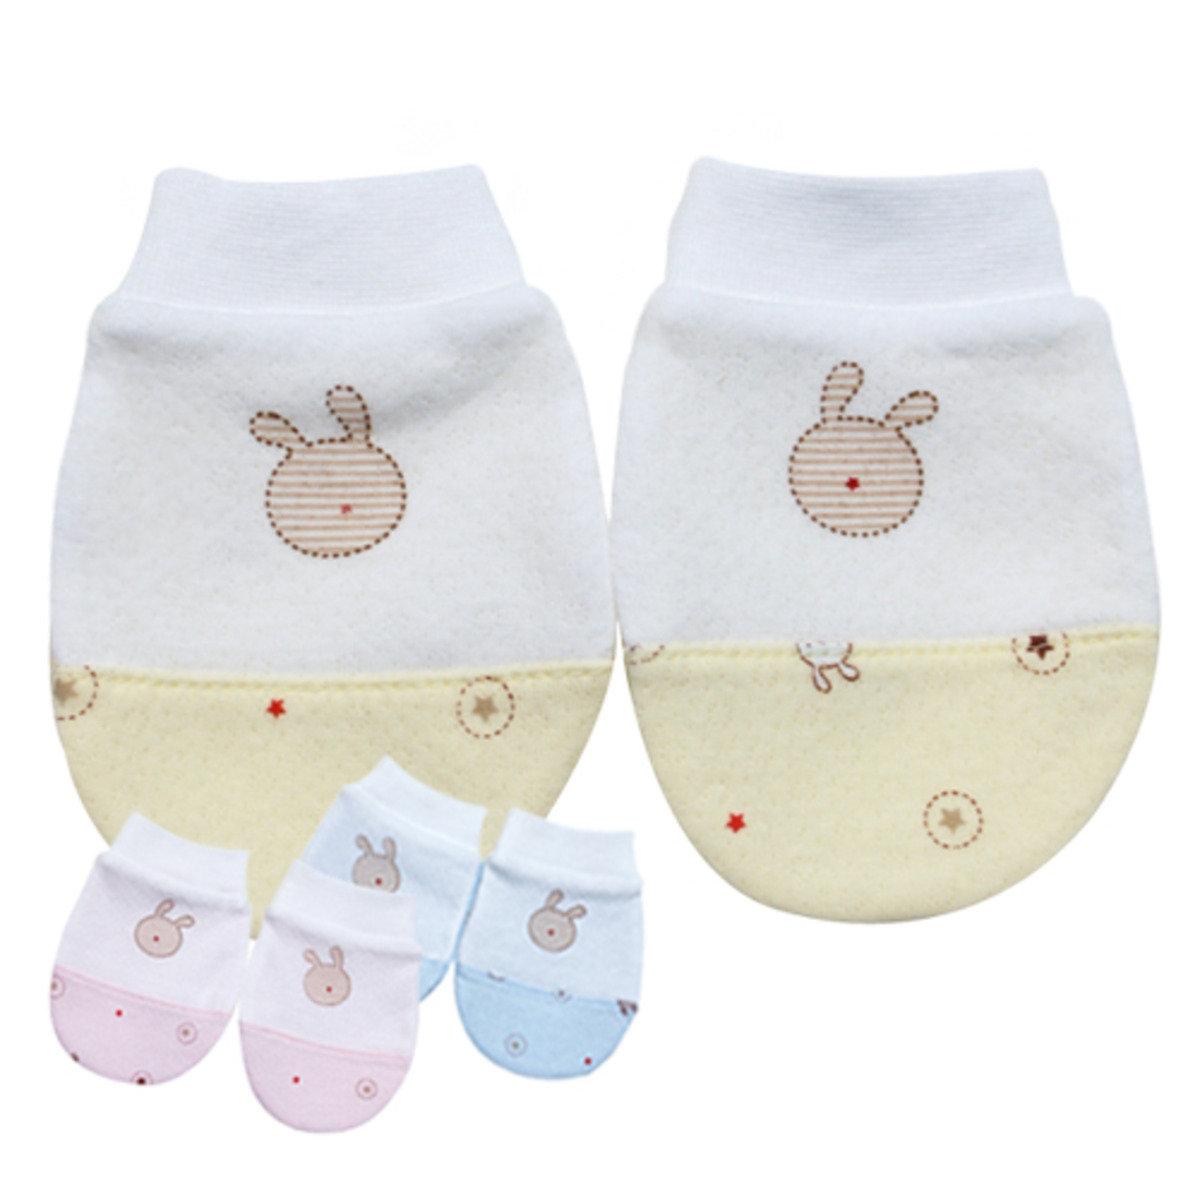 嬰兒手套(小兔)